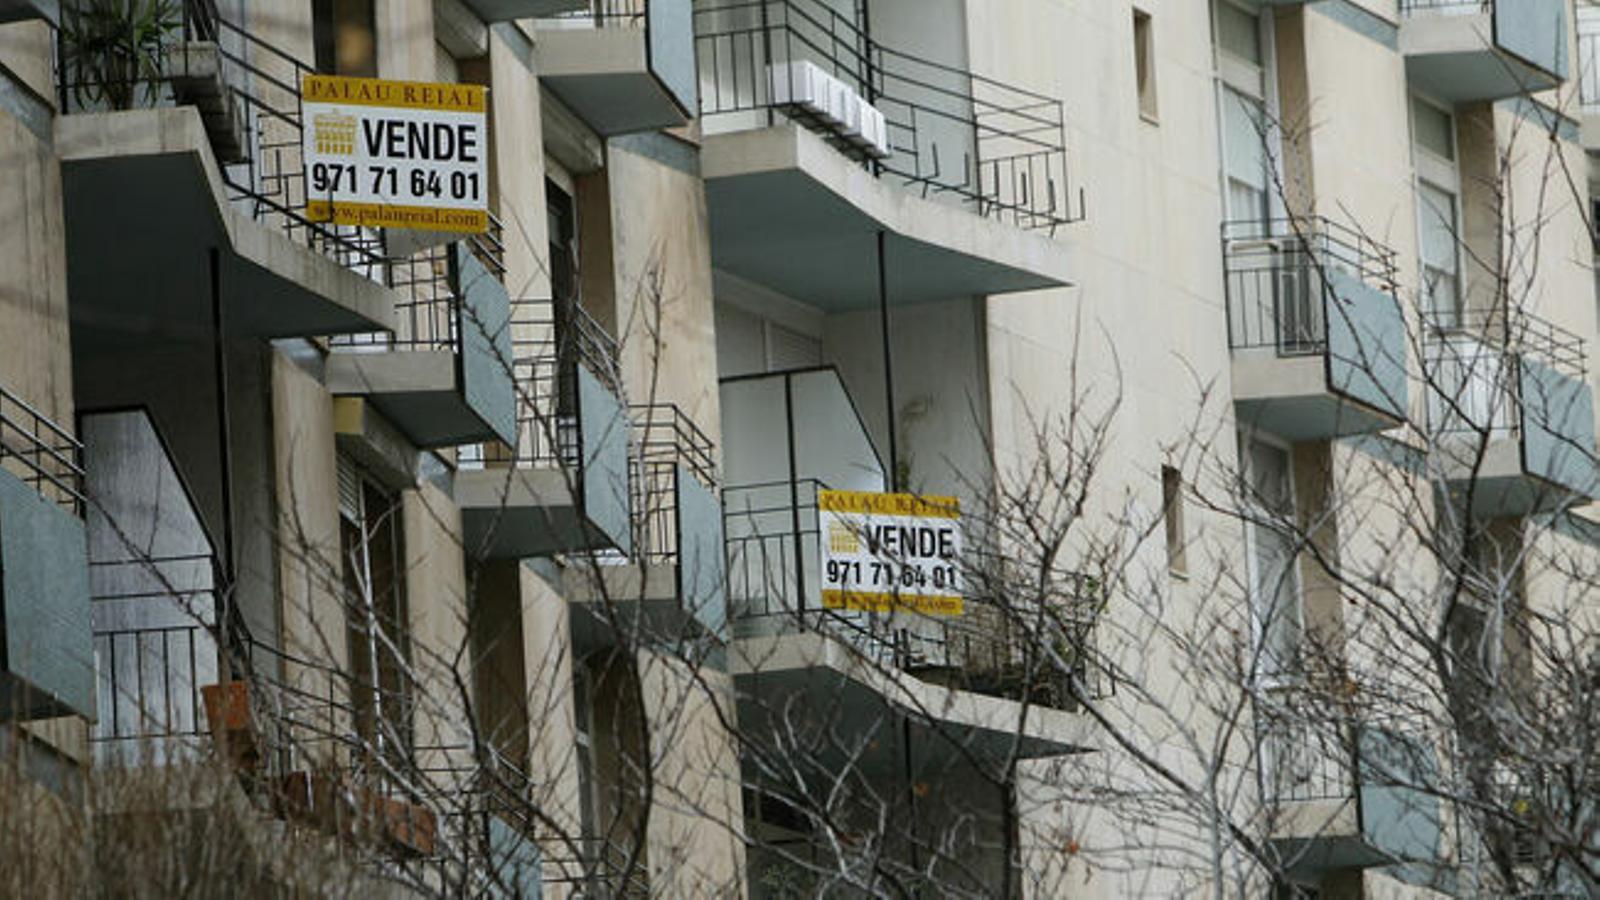 La firma de noves hipoteques s'ha reduït un 14,9% a les Balears en un any